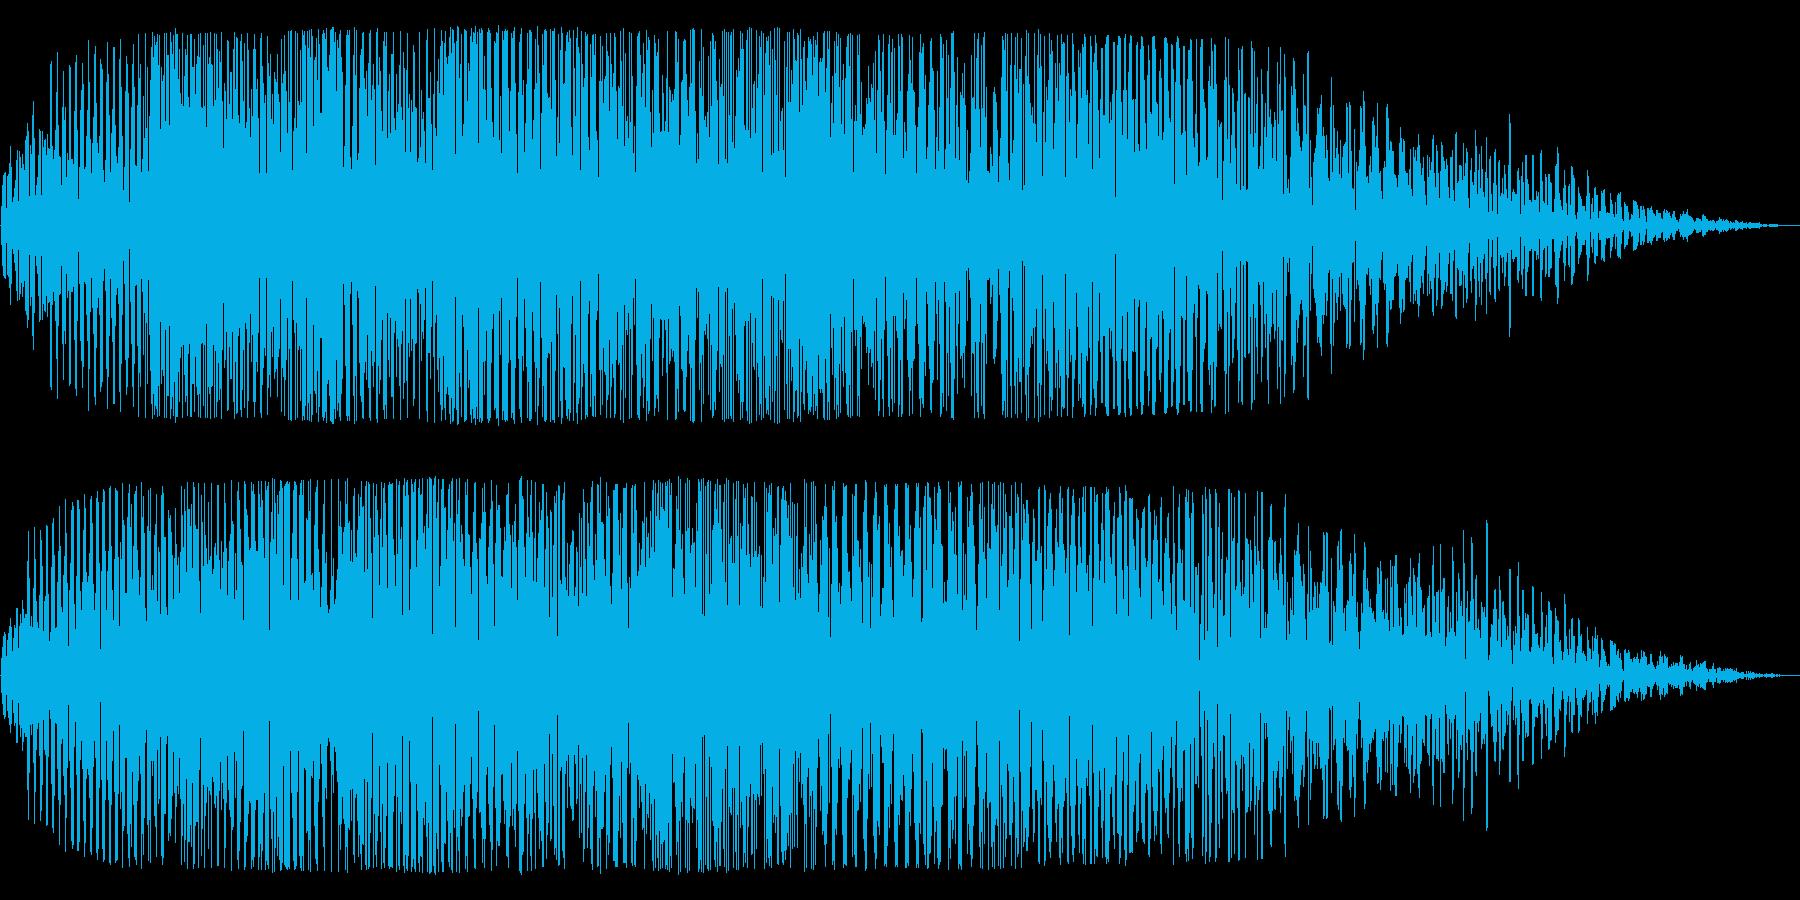 宇宙船が通過する神秘的な音の再生済みの波形